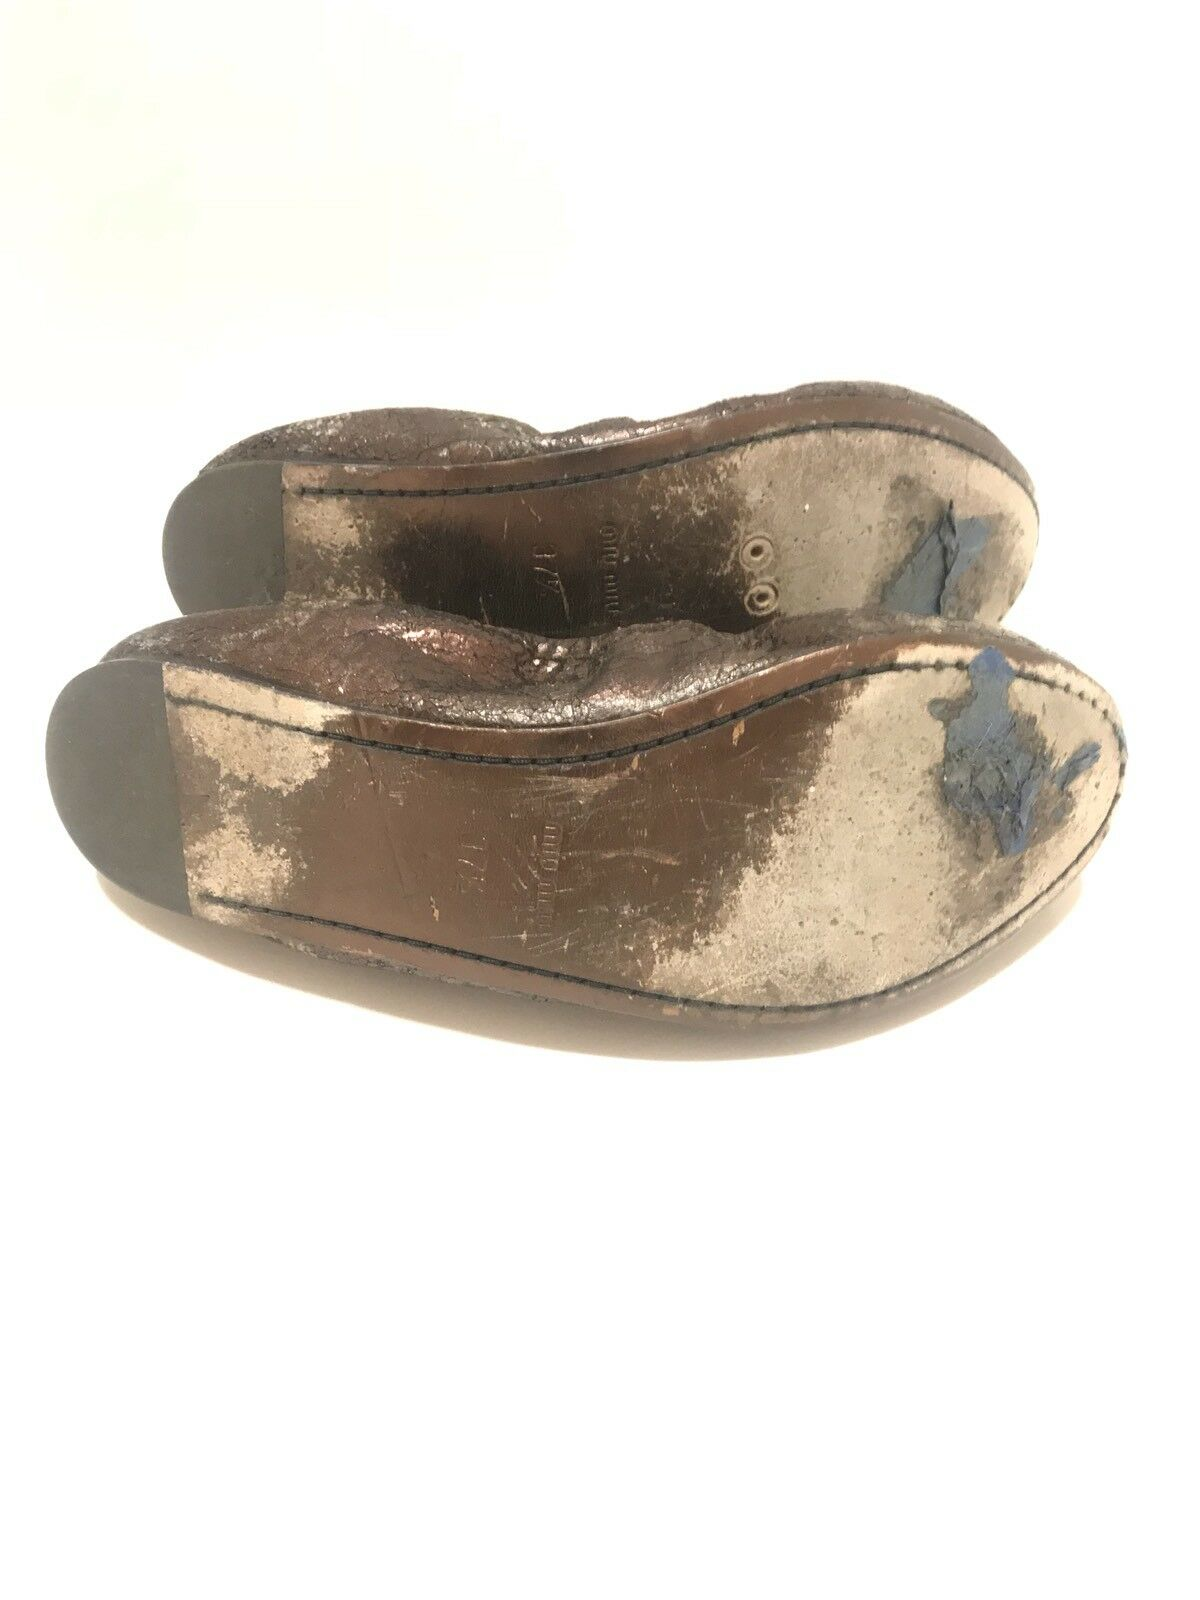 MIU MIU Rose - Dark Metallic Rose MIU Glitter Pelle Jeweled Ballet Slipper Flats 7 37.5 da15d7